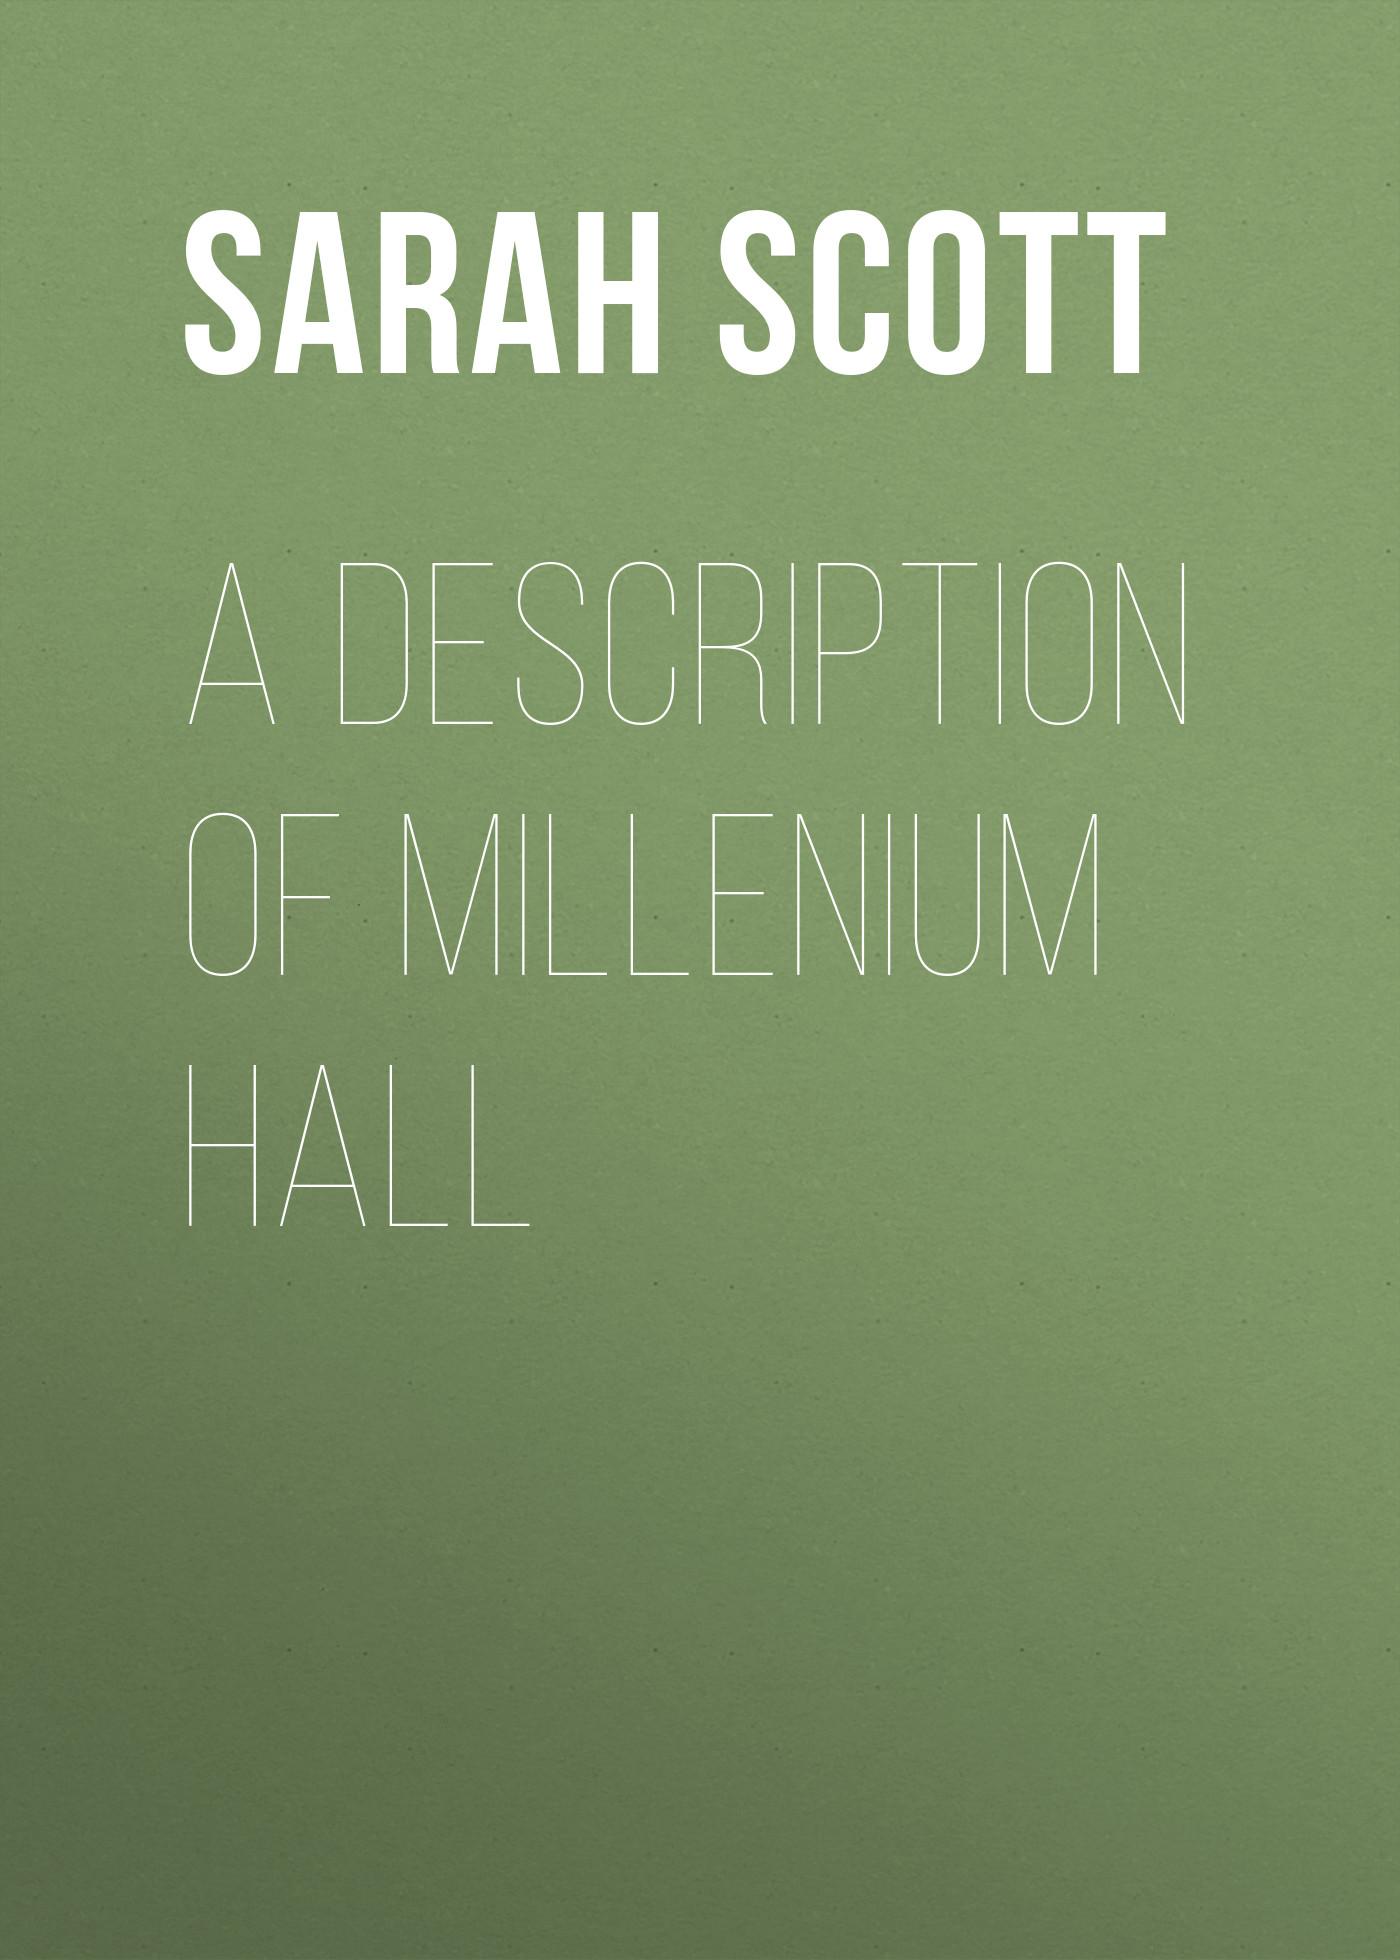 Sarah Scott A Description of Millenium Hall цена и фото